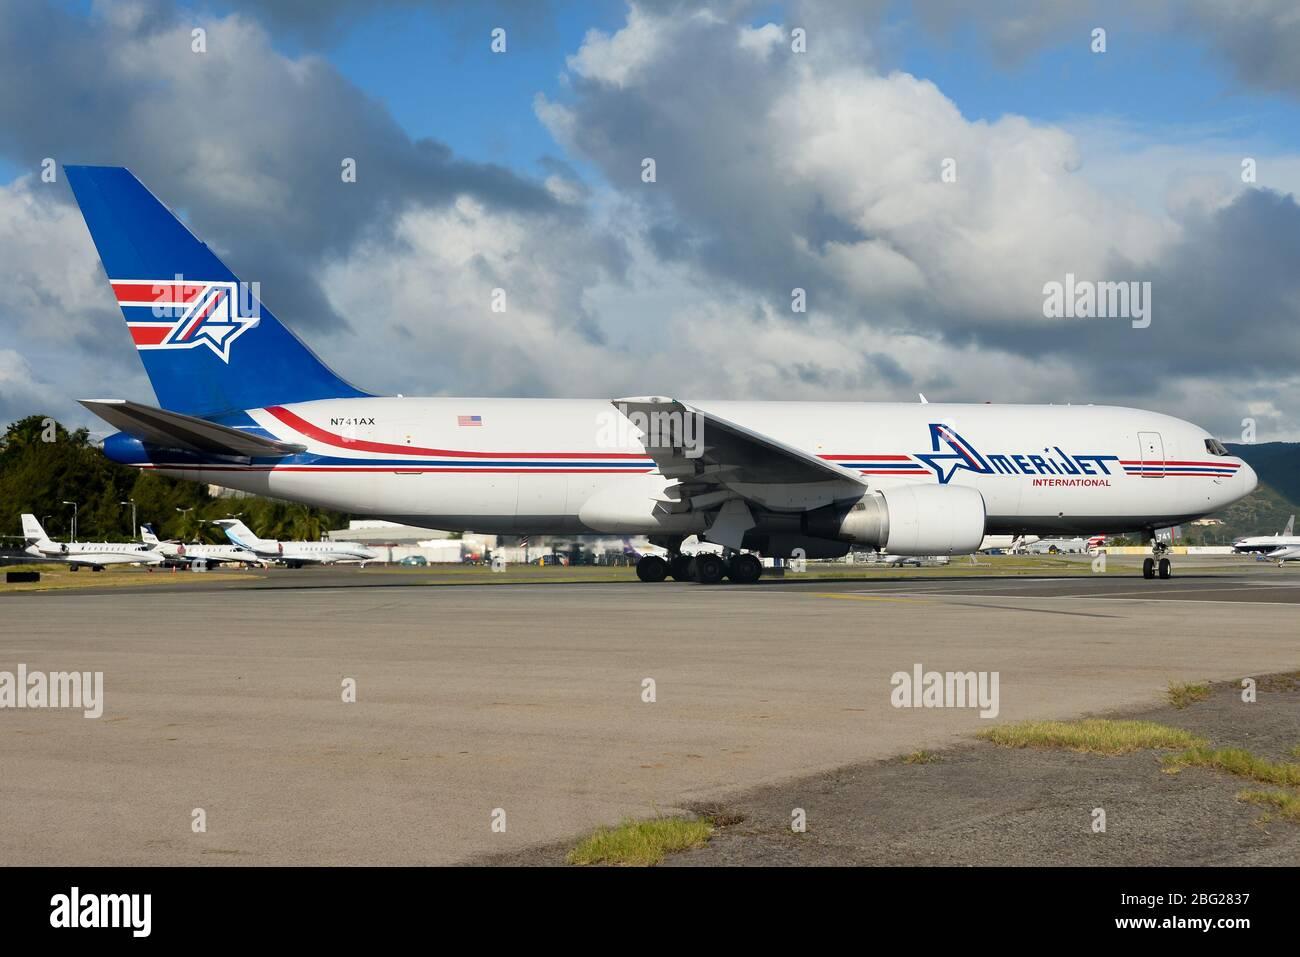 Amerijet International Boeing 767 cargo antes de la salida desde el aeropuerto de St Maarten (SXM). Aviones de carga con registro N741AX. Foto de stock